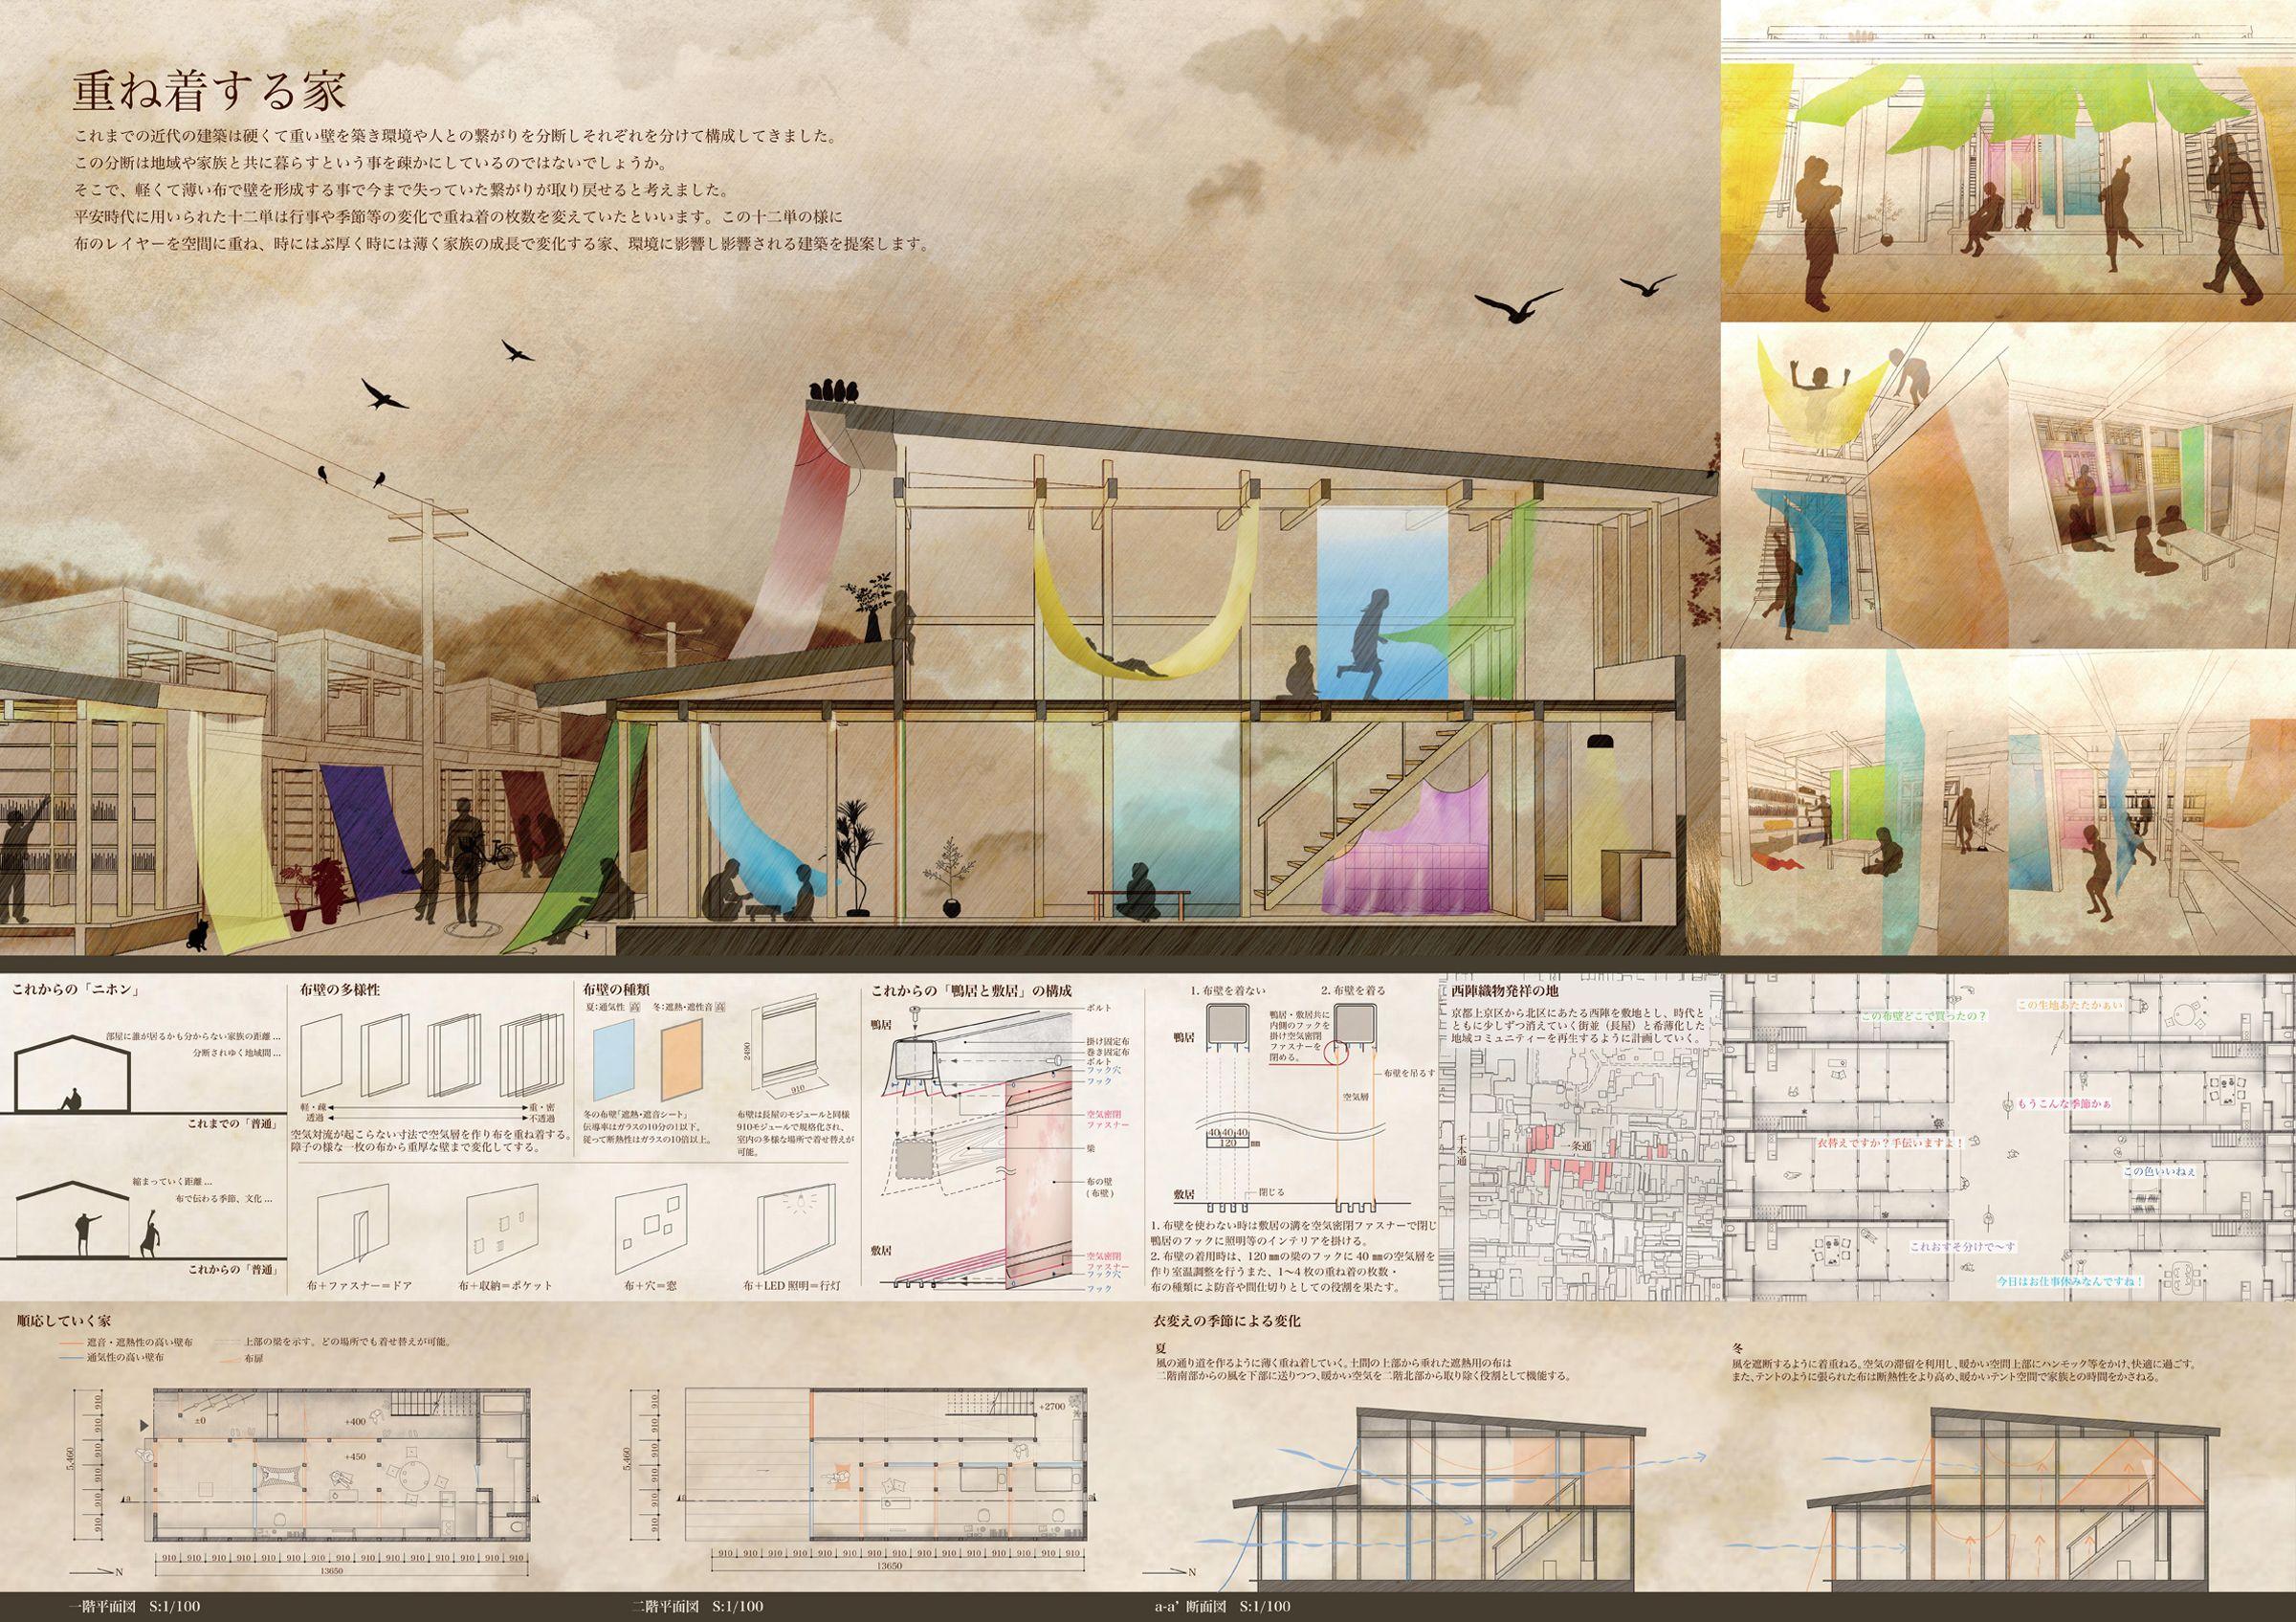 ウッドフレンズ 第1回住宅設計 学生アイデアコンペ 設計コンペ 建築プレゼンテーションボード 建築 ポートフォリオレイアウト